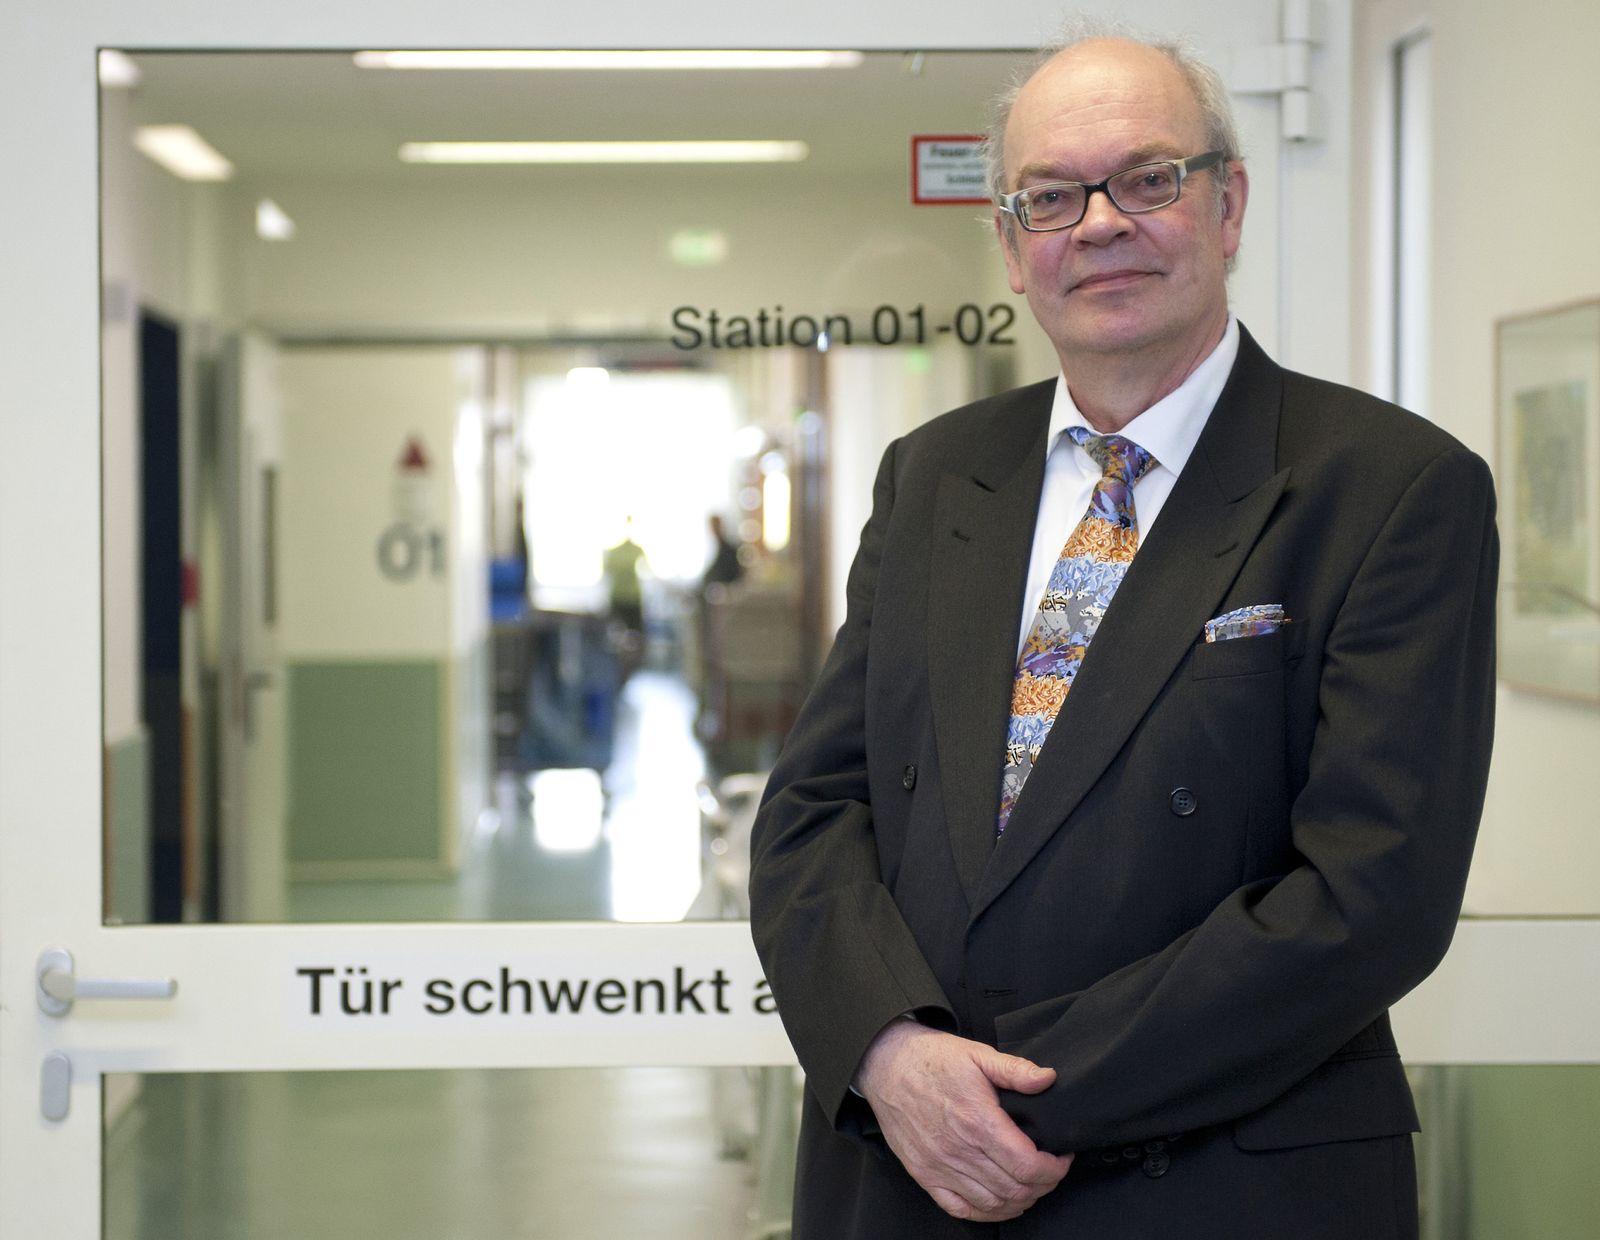 BGH Urteil Jekabs Leititis Manager Klinik Altersdiskriminierung